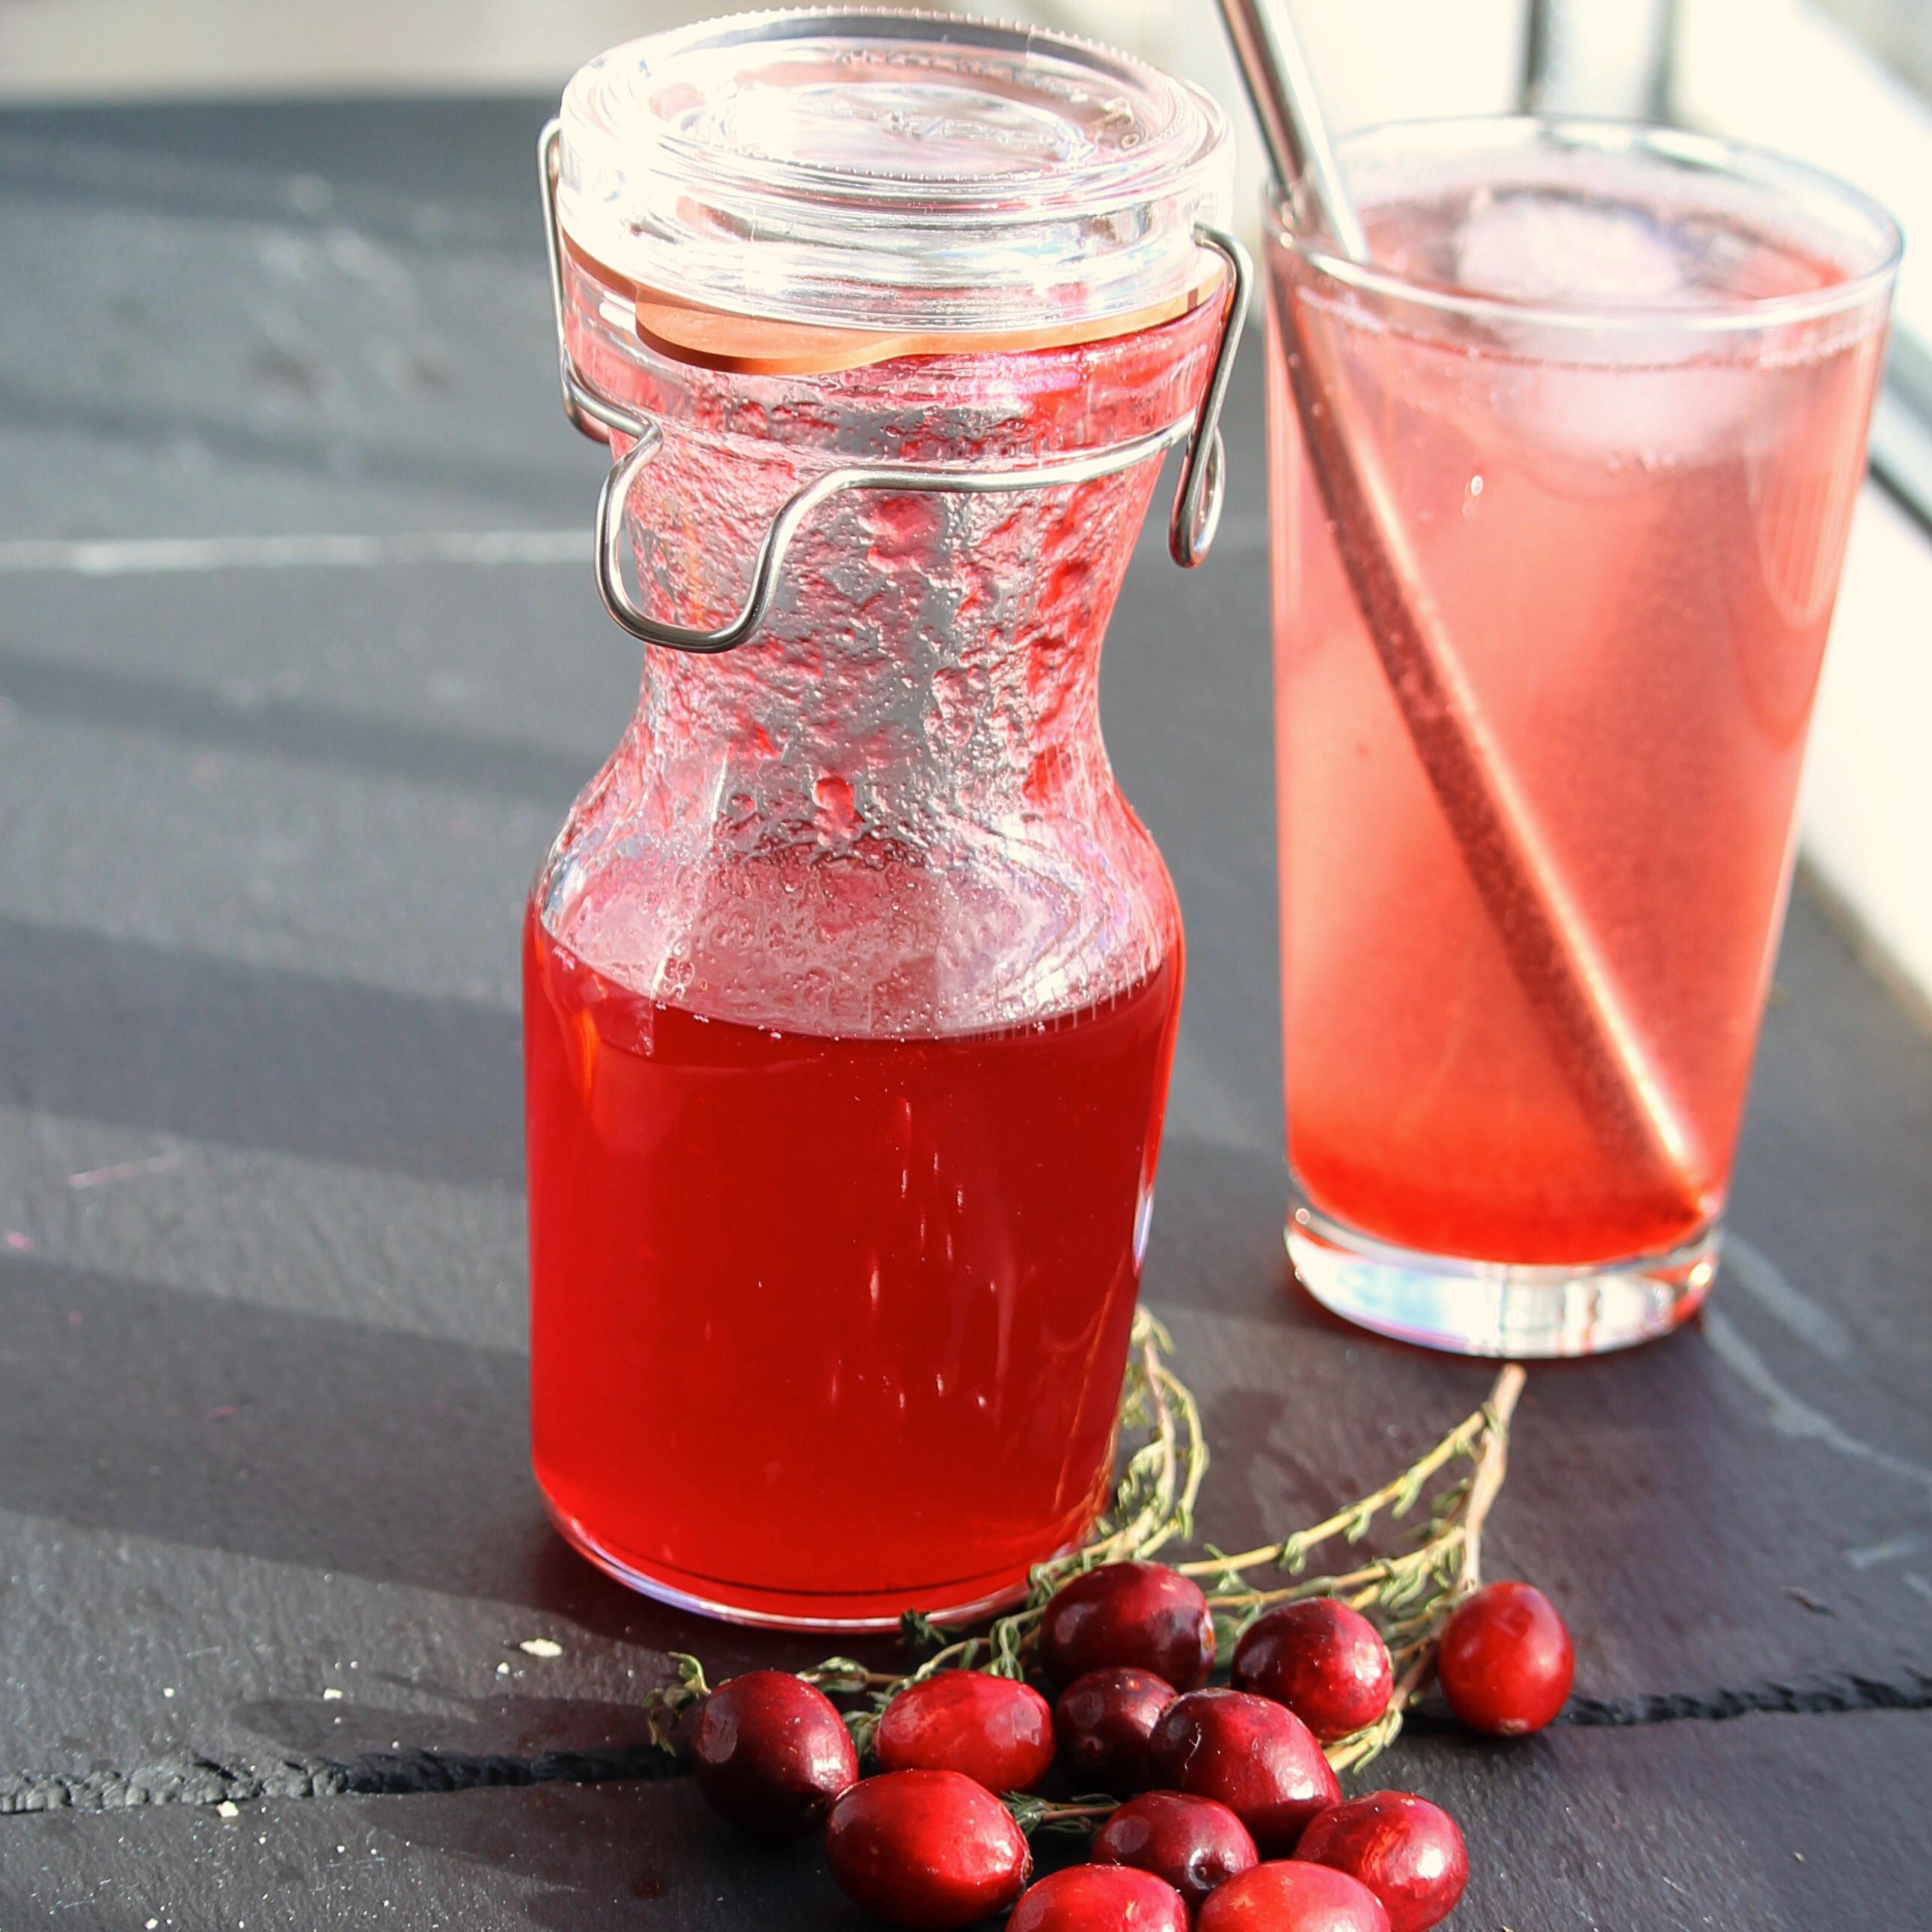 Cranberry Shrub